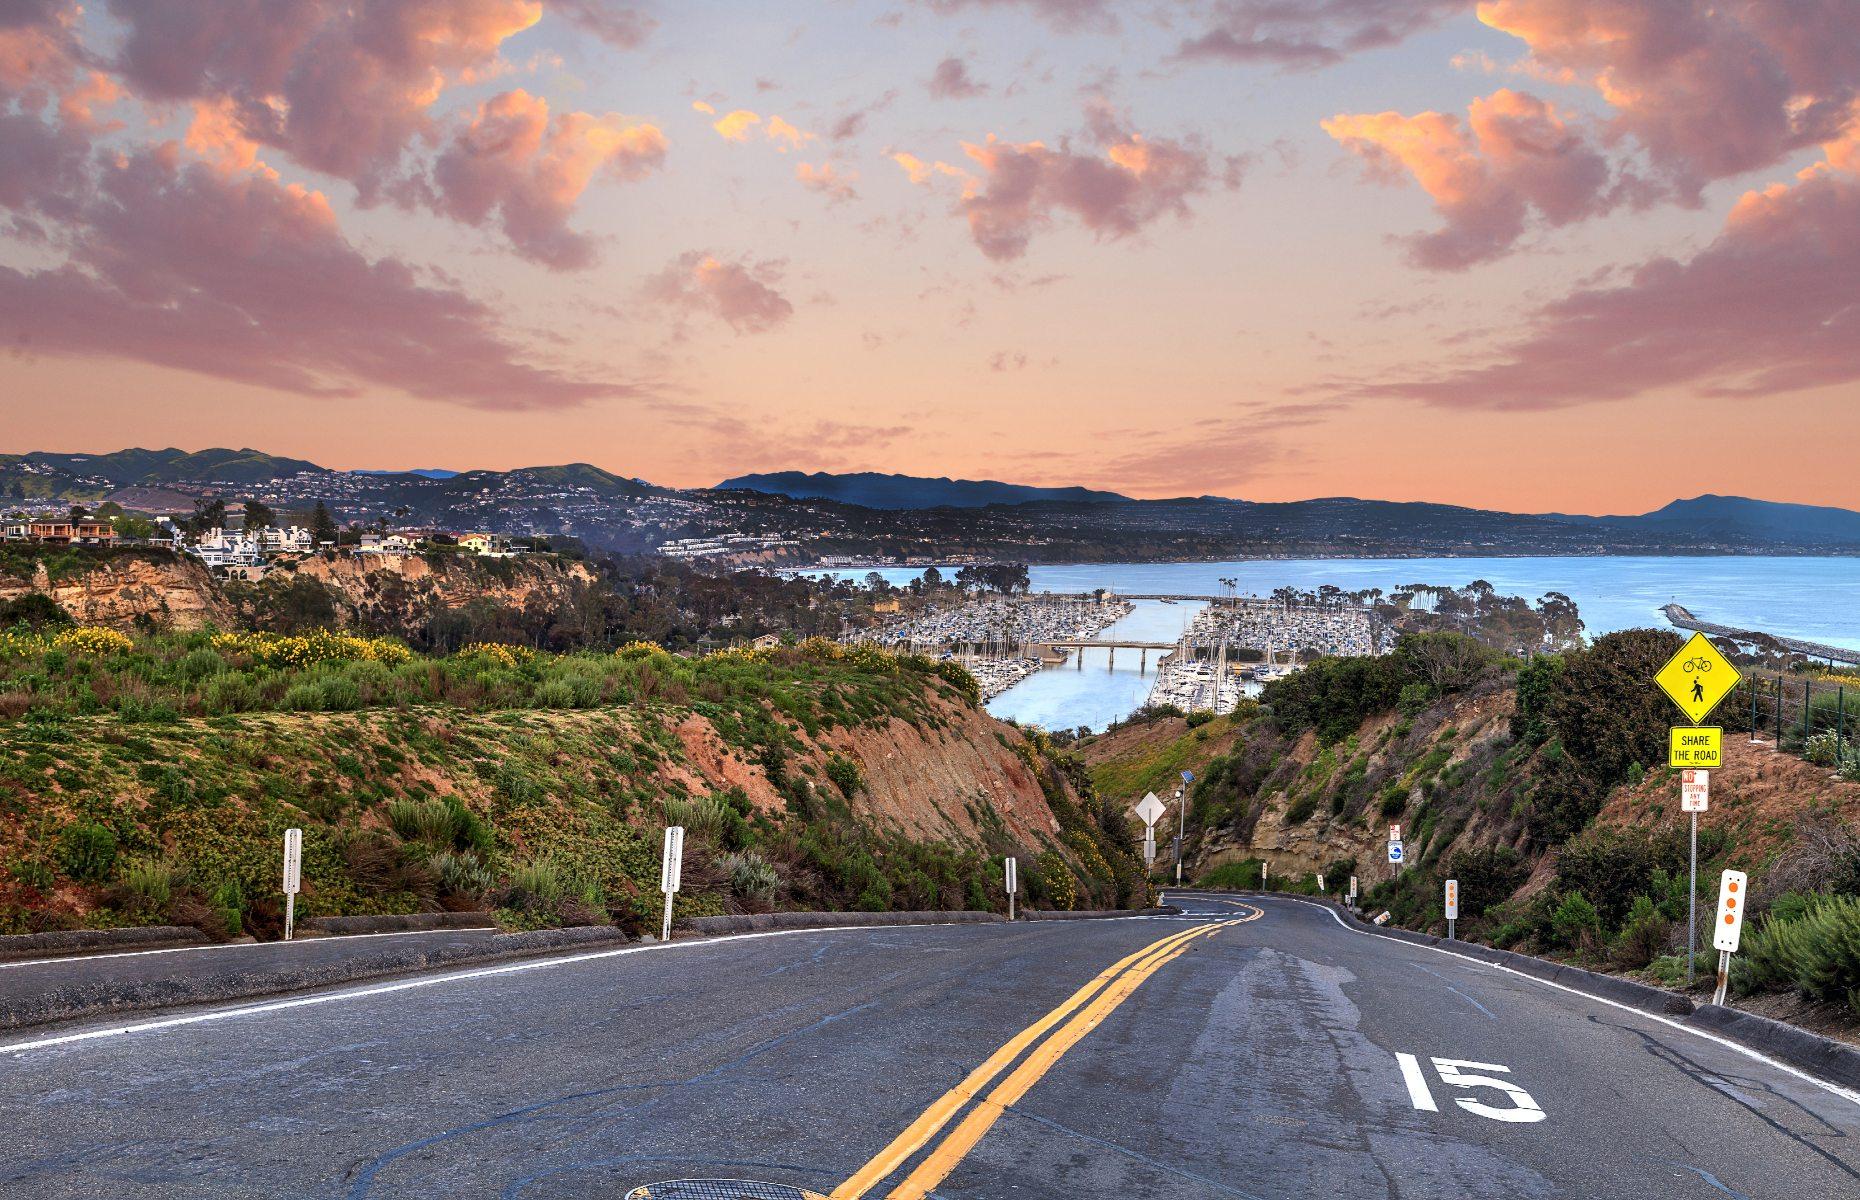 Road to Dana Point (Image: SunflowerMomma/Shutterstock)